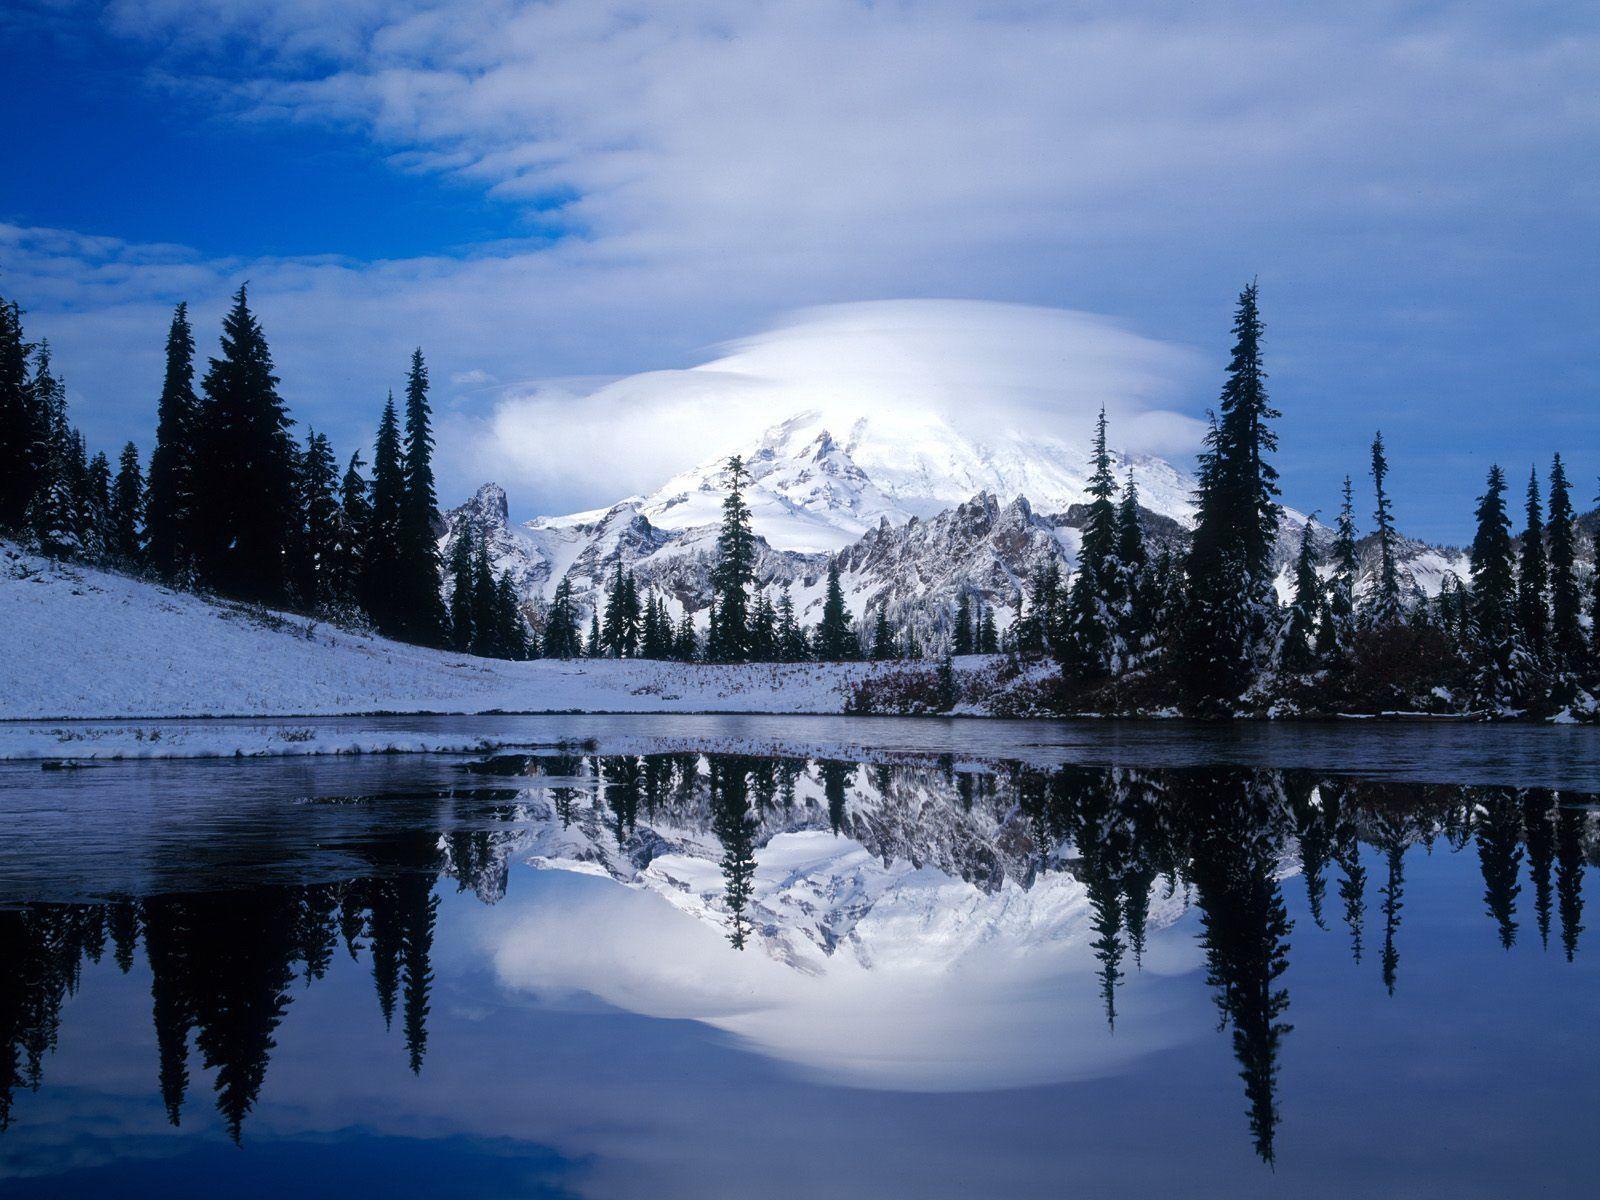 Snowy Mountain Wallpaper Winter Scenery Winter Landscape Beautiful Winter Scenes